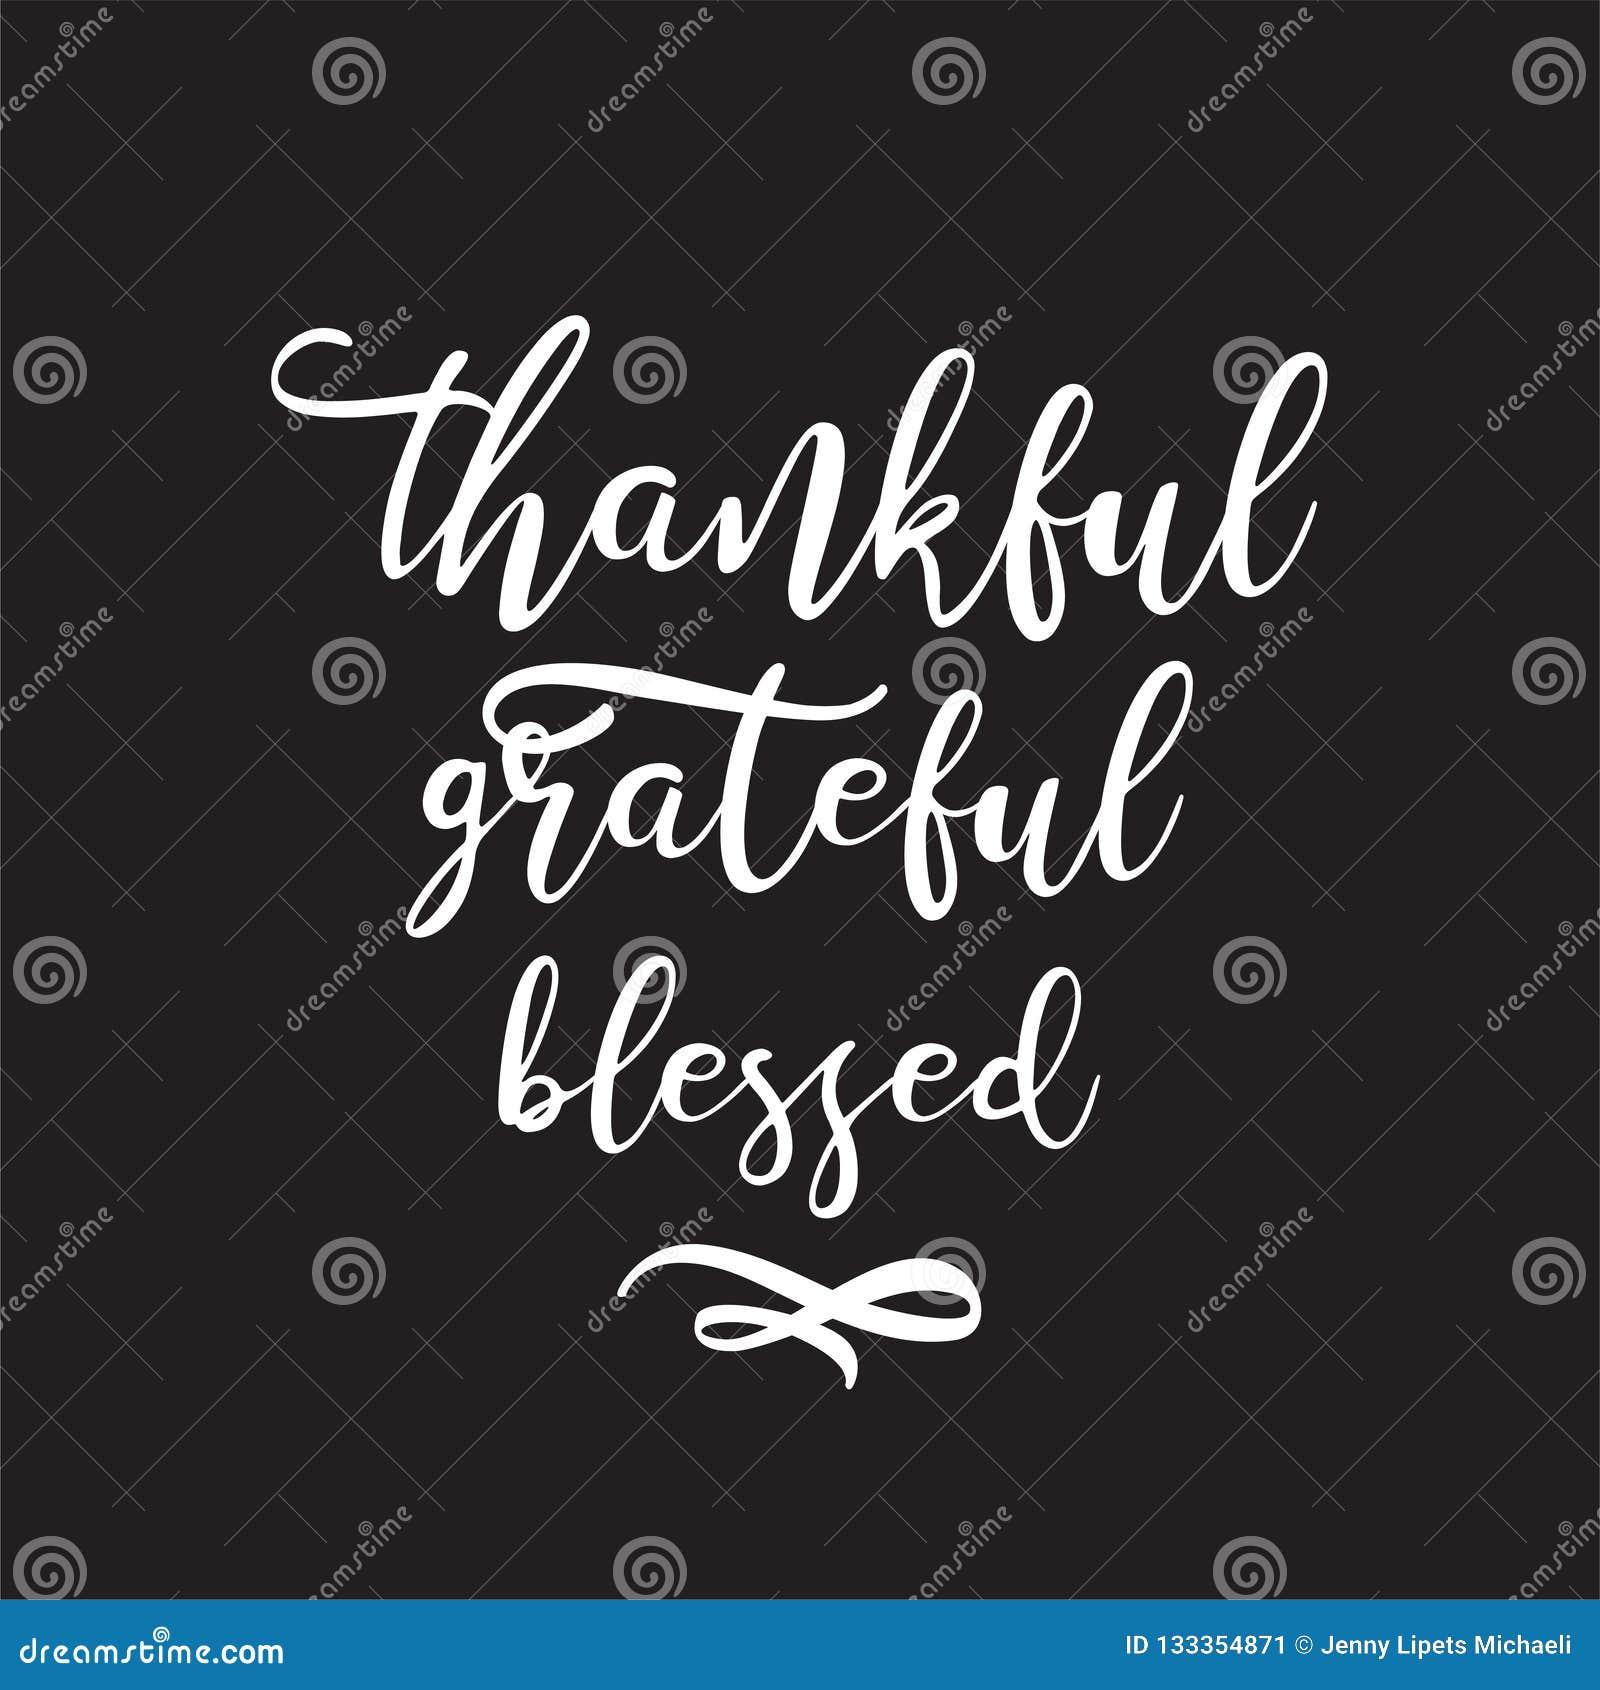 Cita de motivación de la mano del vector e inspirada exhausta - agradecido agradecido bendecido Día de la acción de gracias, Año